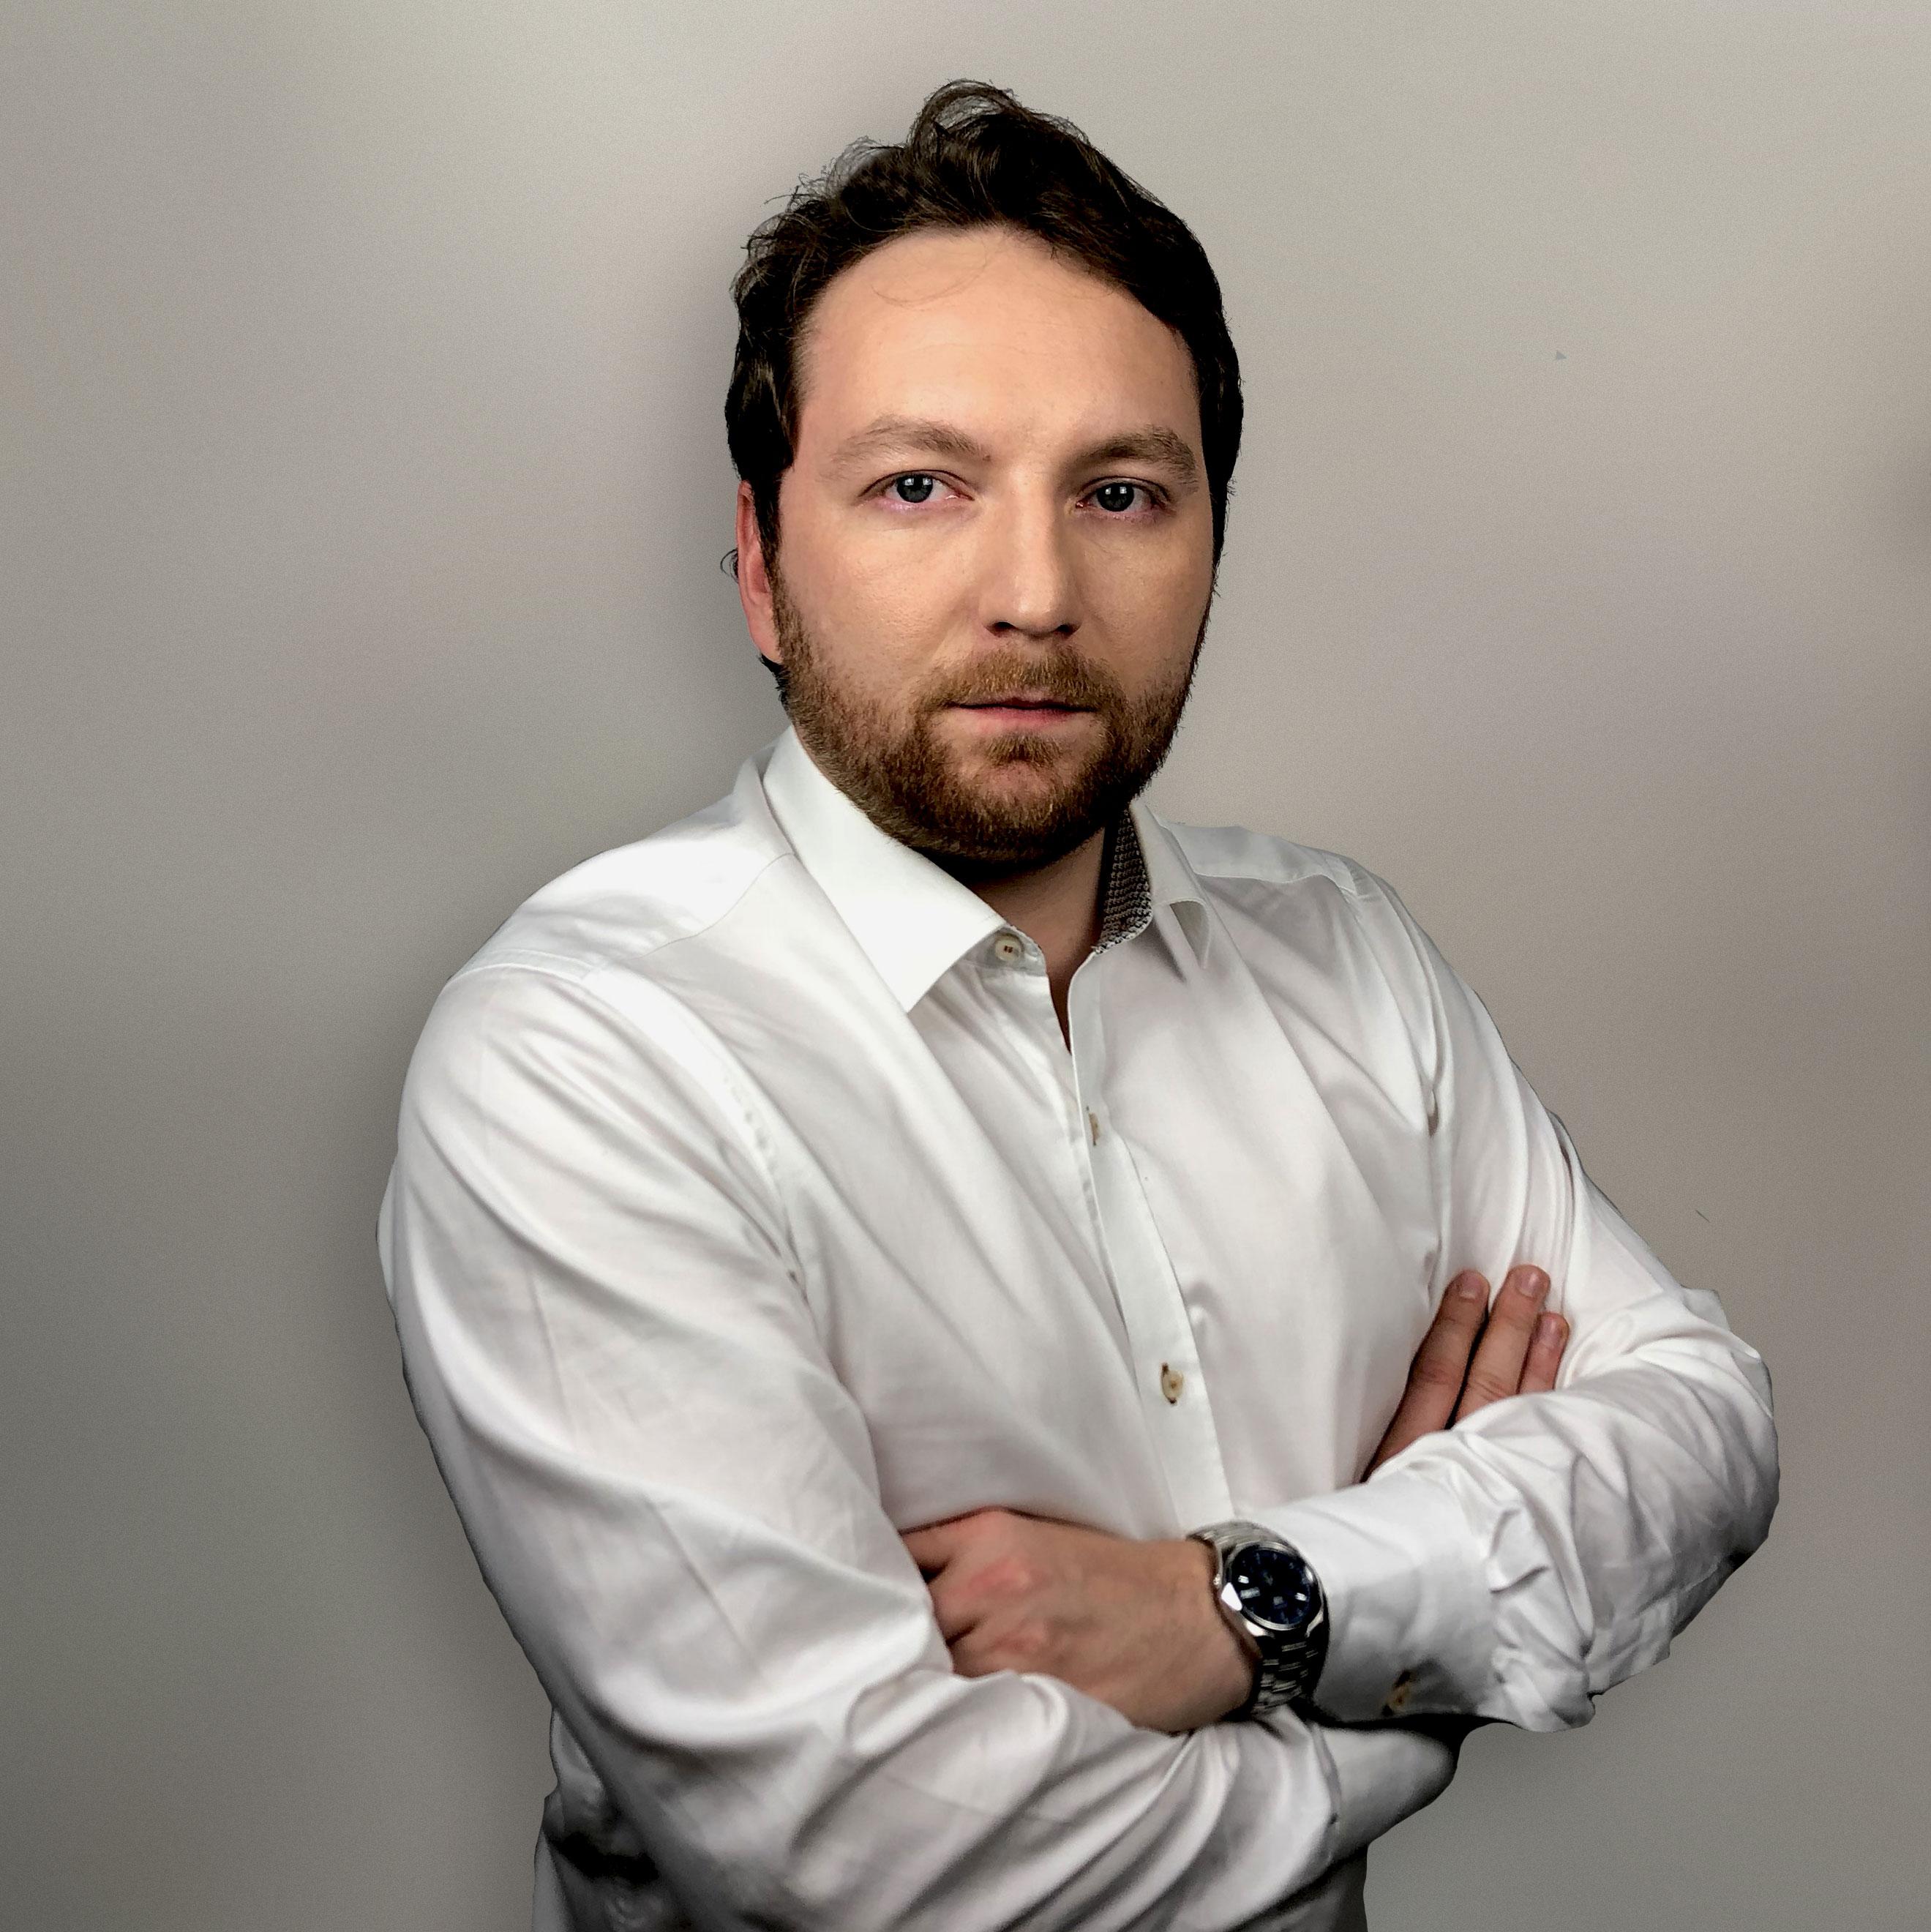 Łukasz Piechowiak